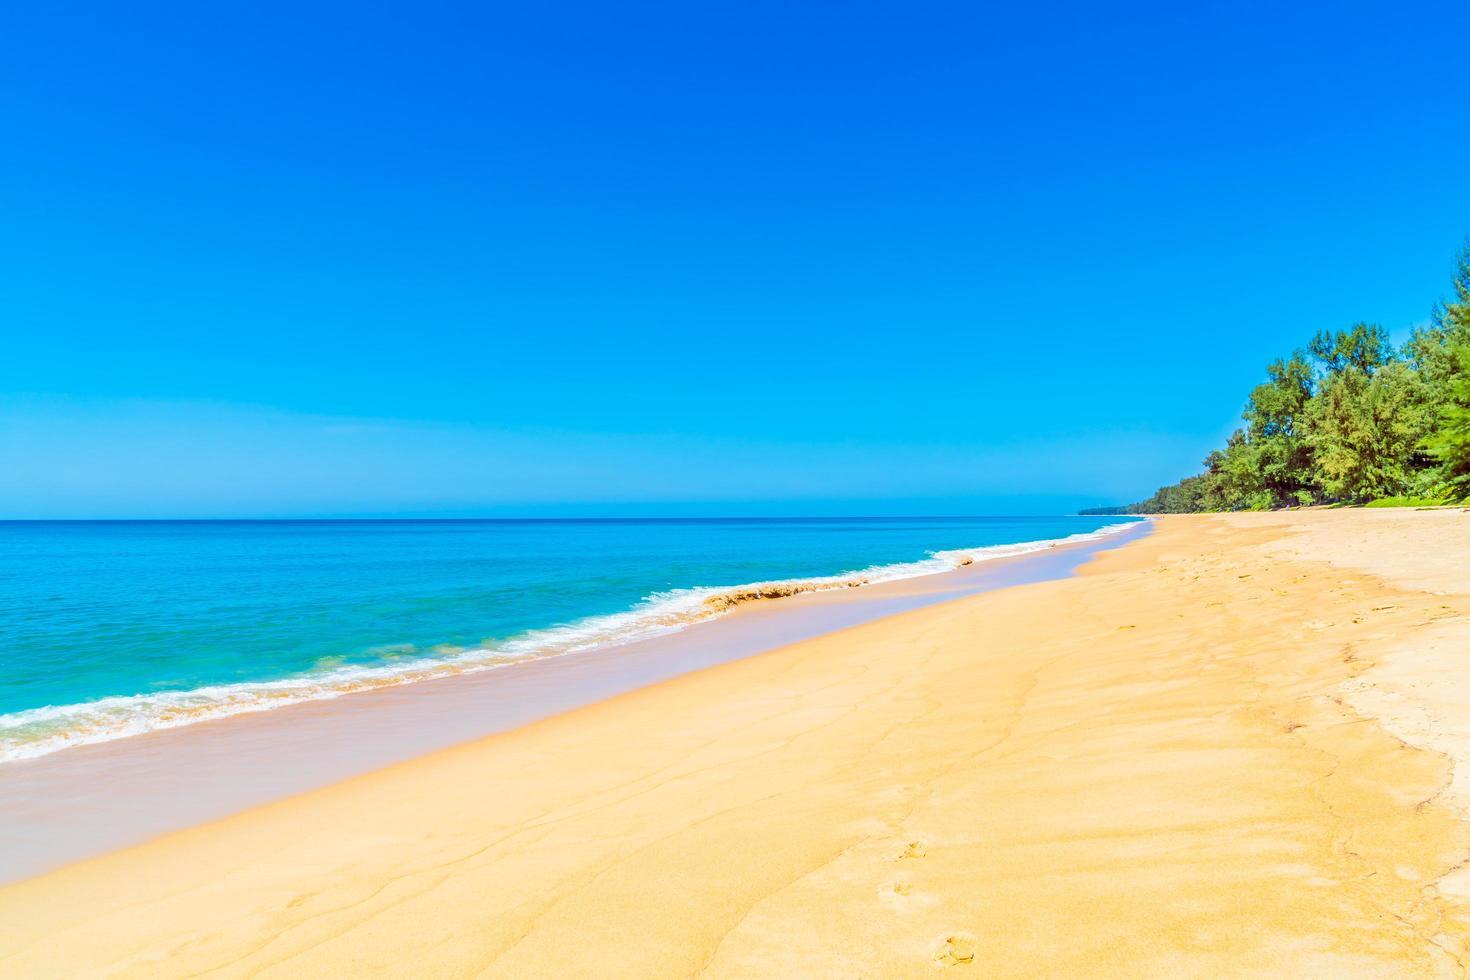 vacker strand och hav foto